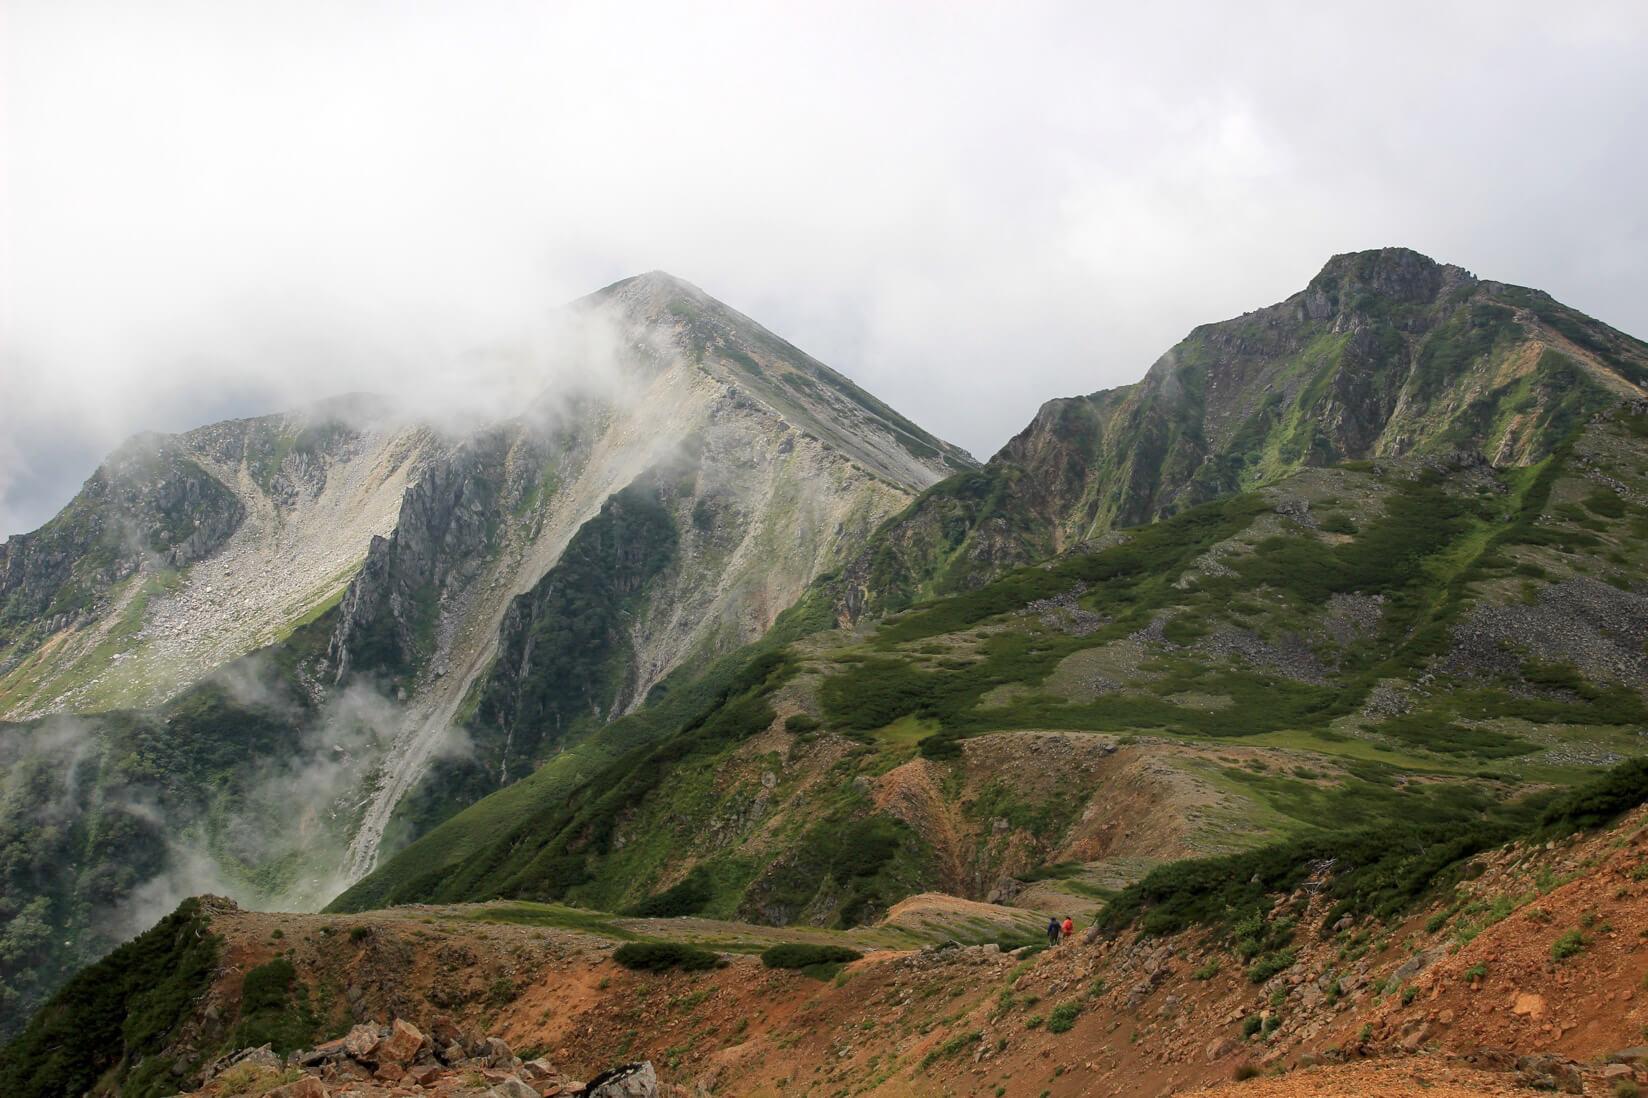 裏銀座縦走路より鷲羽岳(左)とワリモ岳(右)